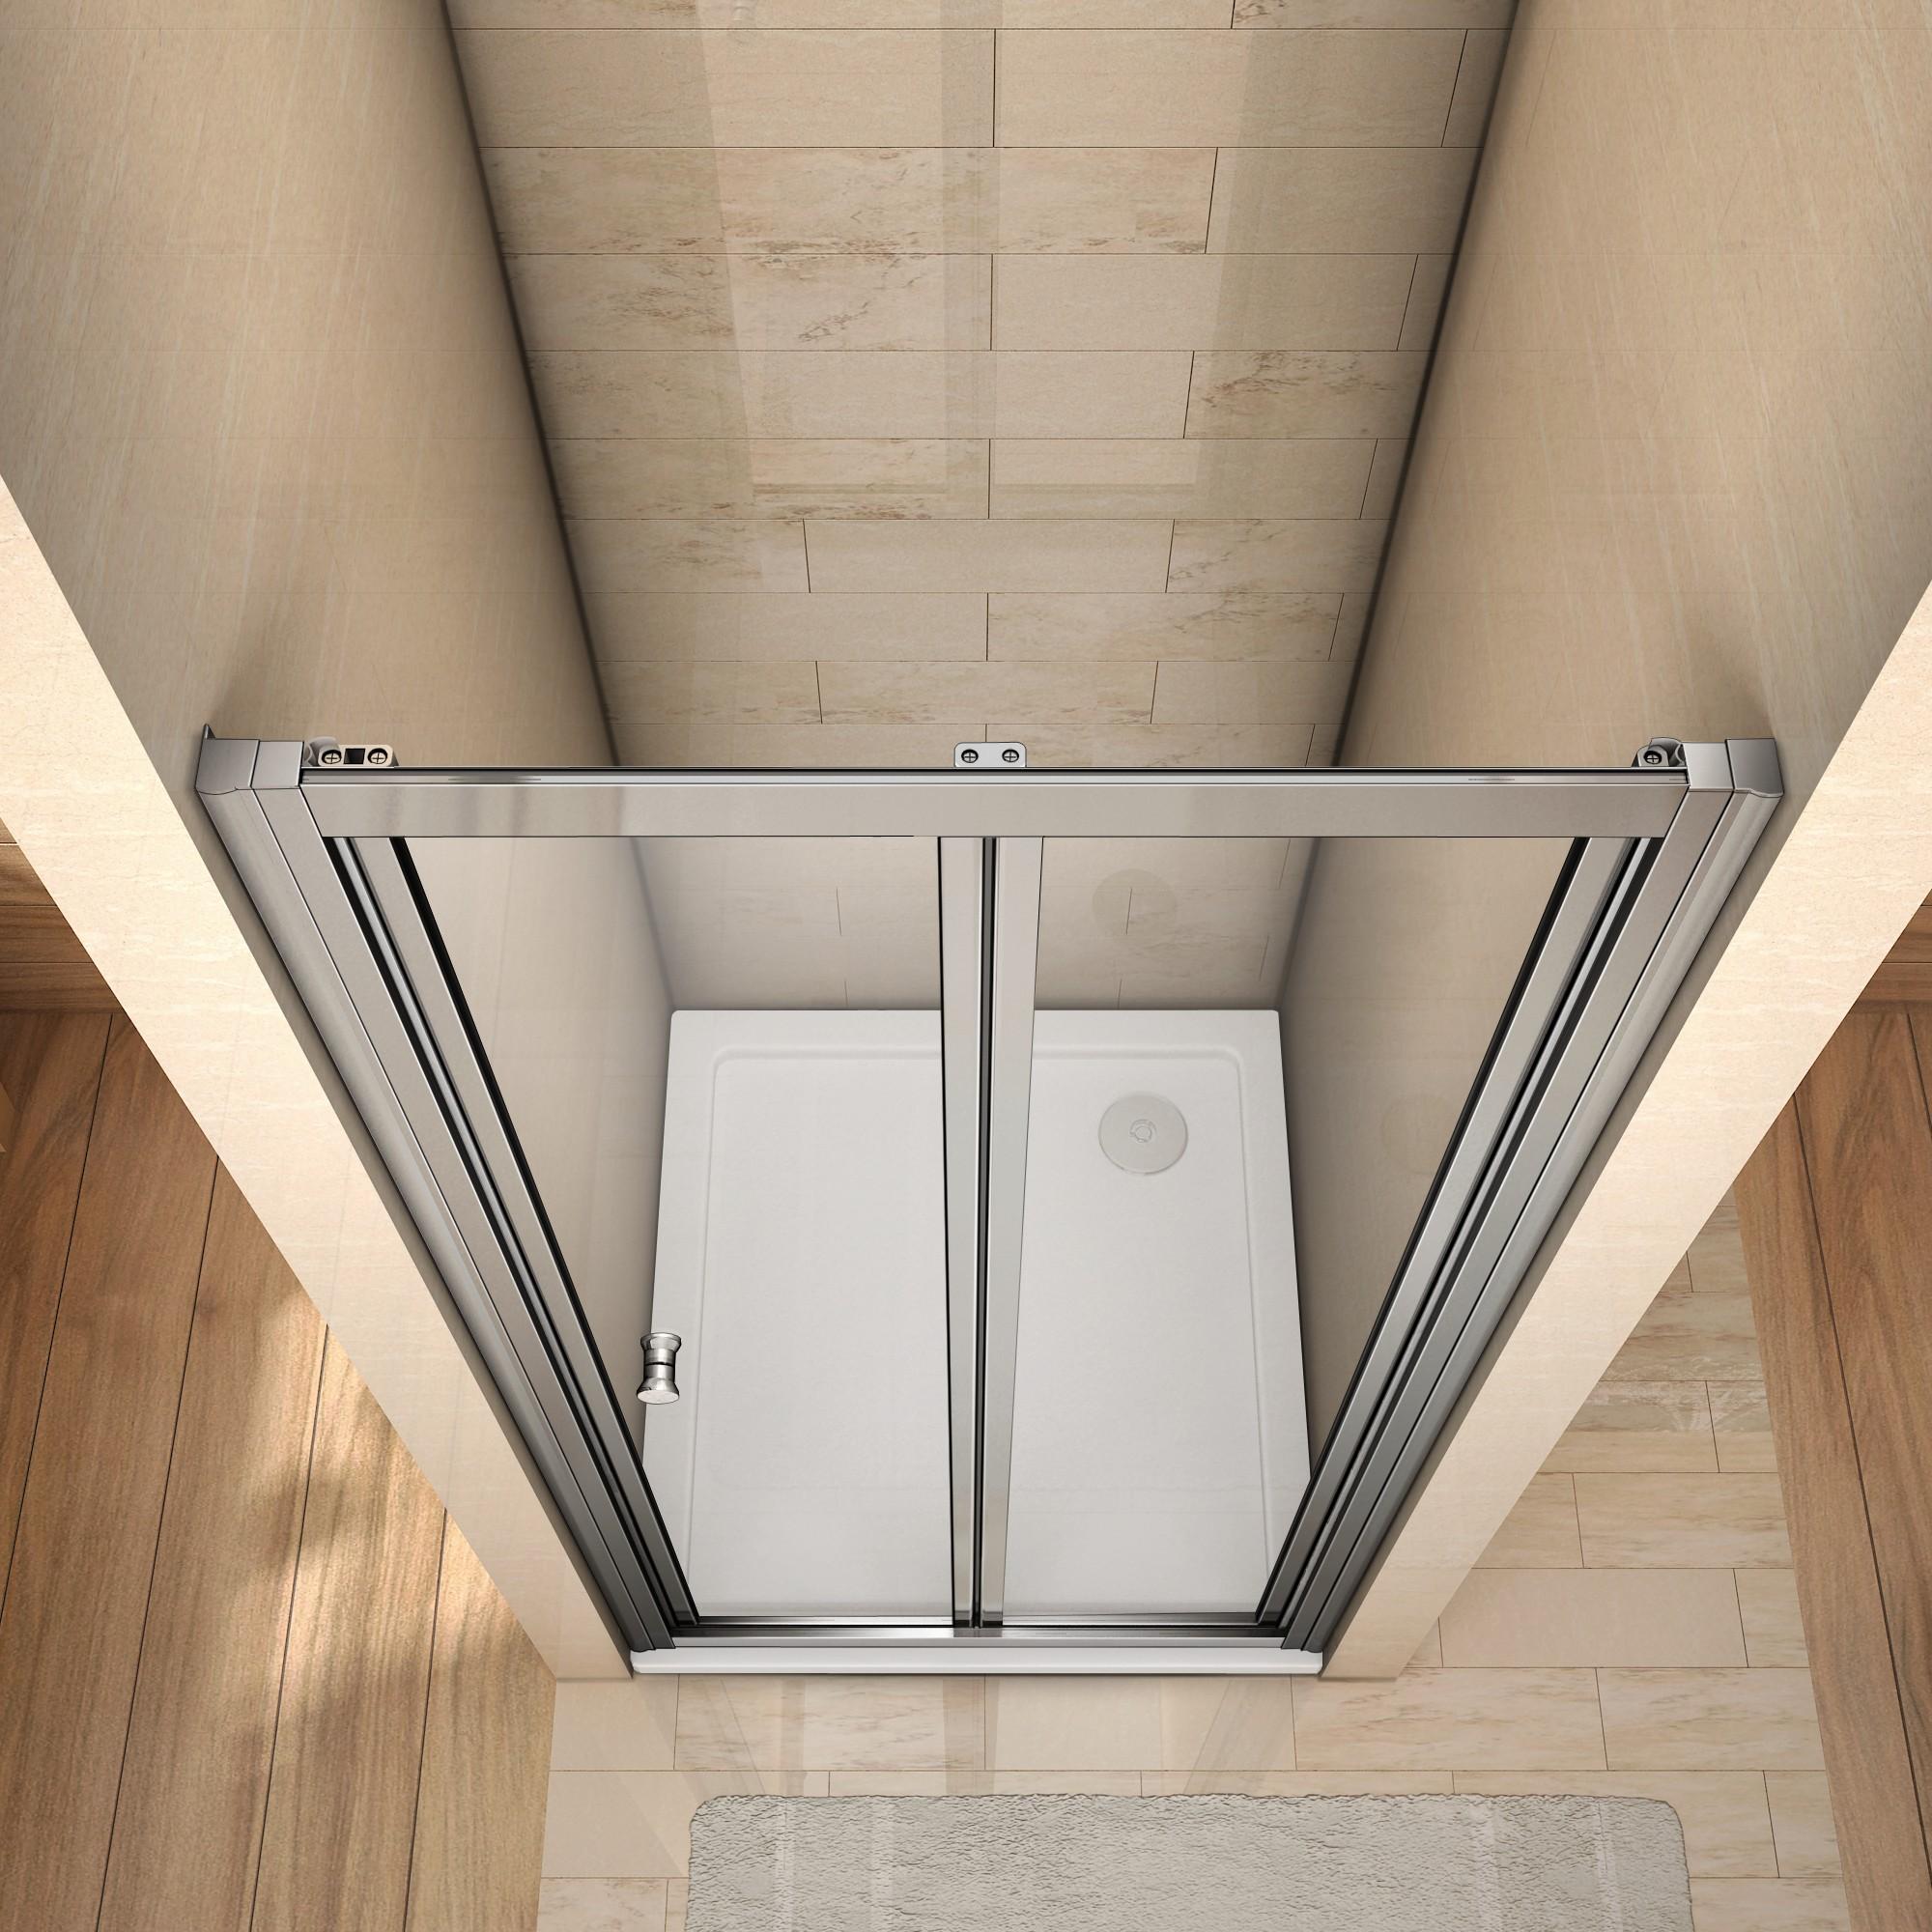 80x185cm duschabtrennung duschwand walk in dusche klapptür ... - Dusche Klapptur